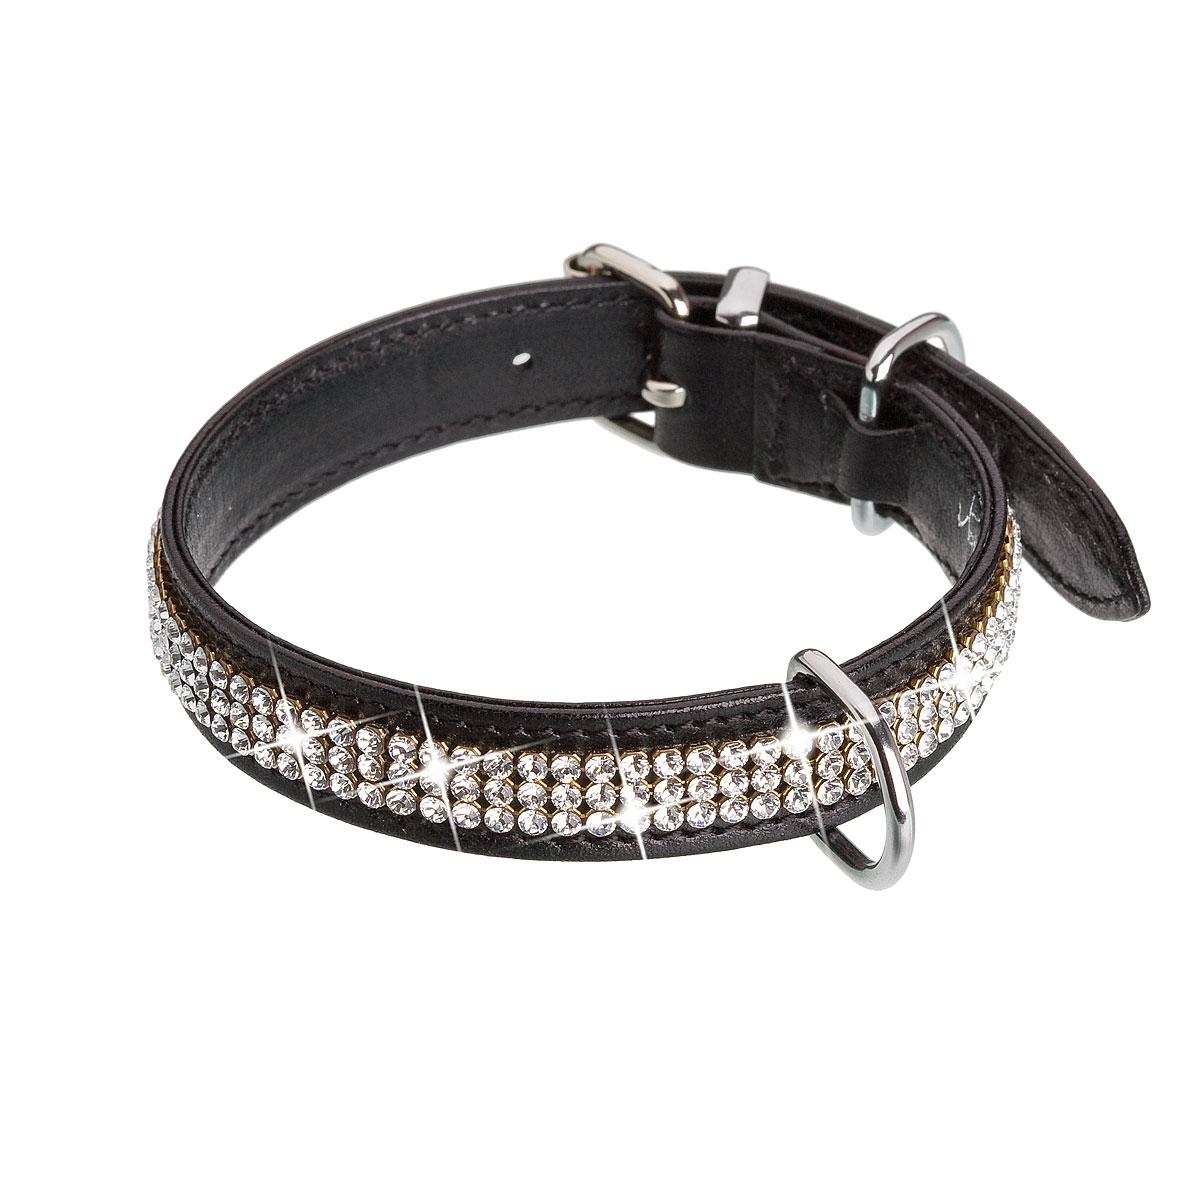 Černý psí obojek s krystaly Crystals from Swarovski®